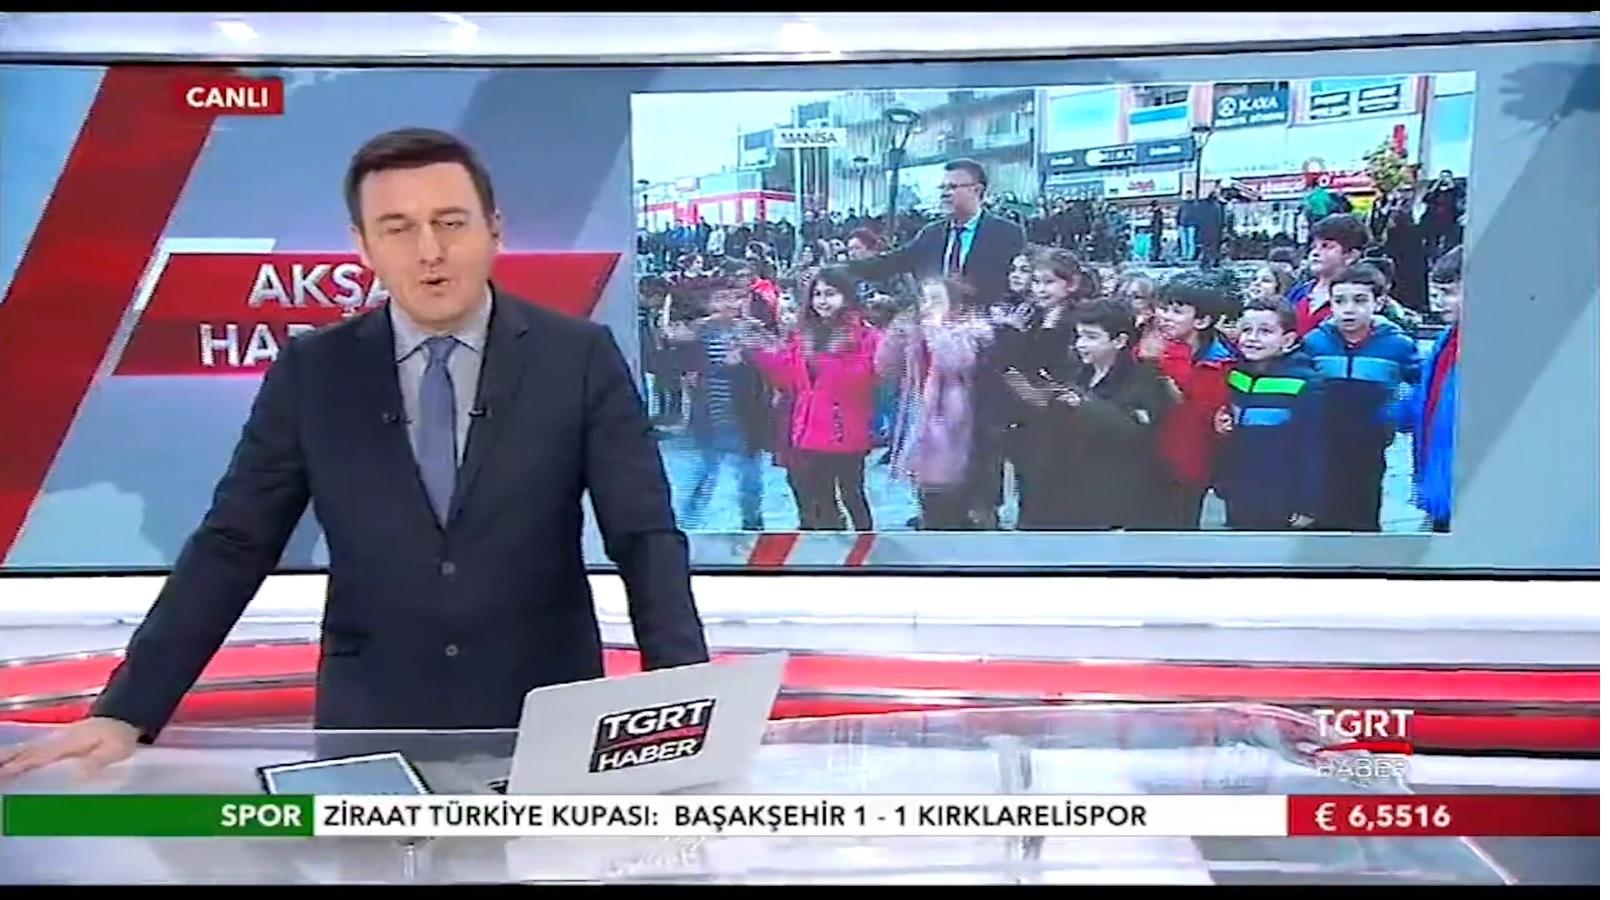 Cumhuriyet Meydanındaki Kar Topu Etkinliği Ulusal Kanallarda Büyük İlgi Gördü